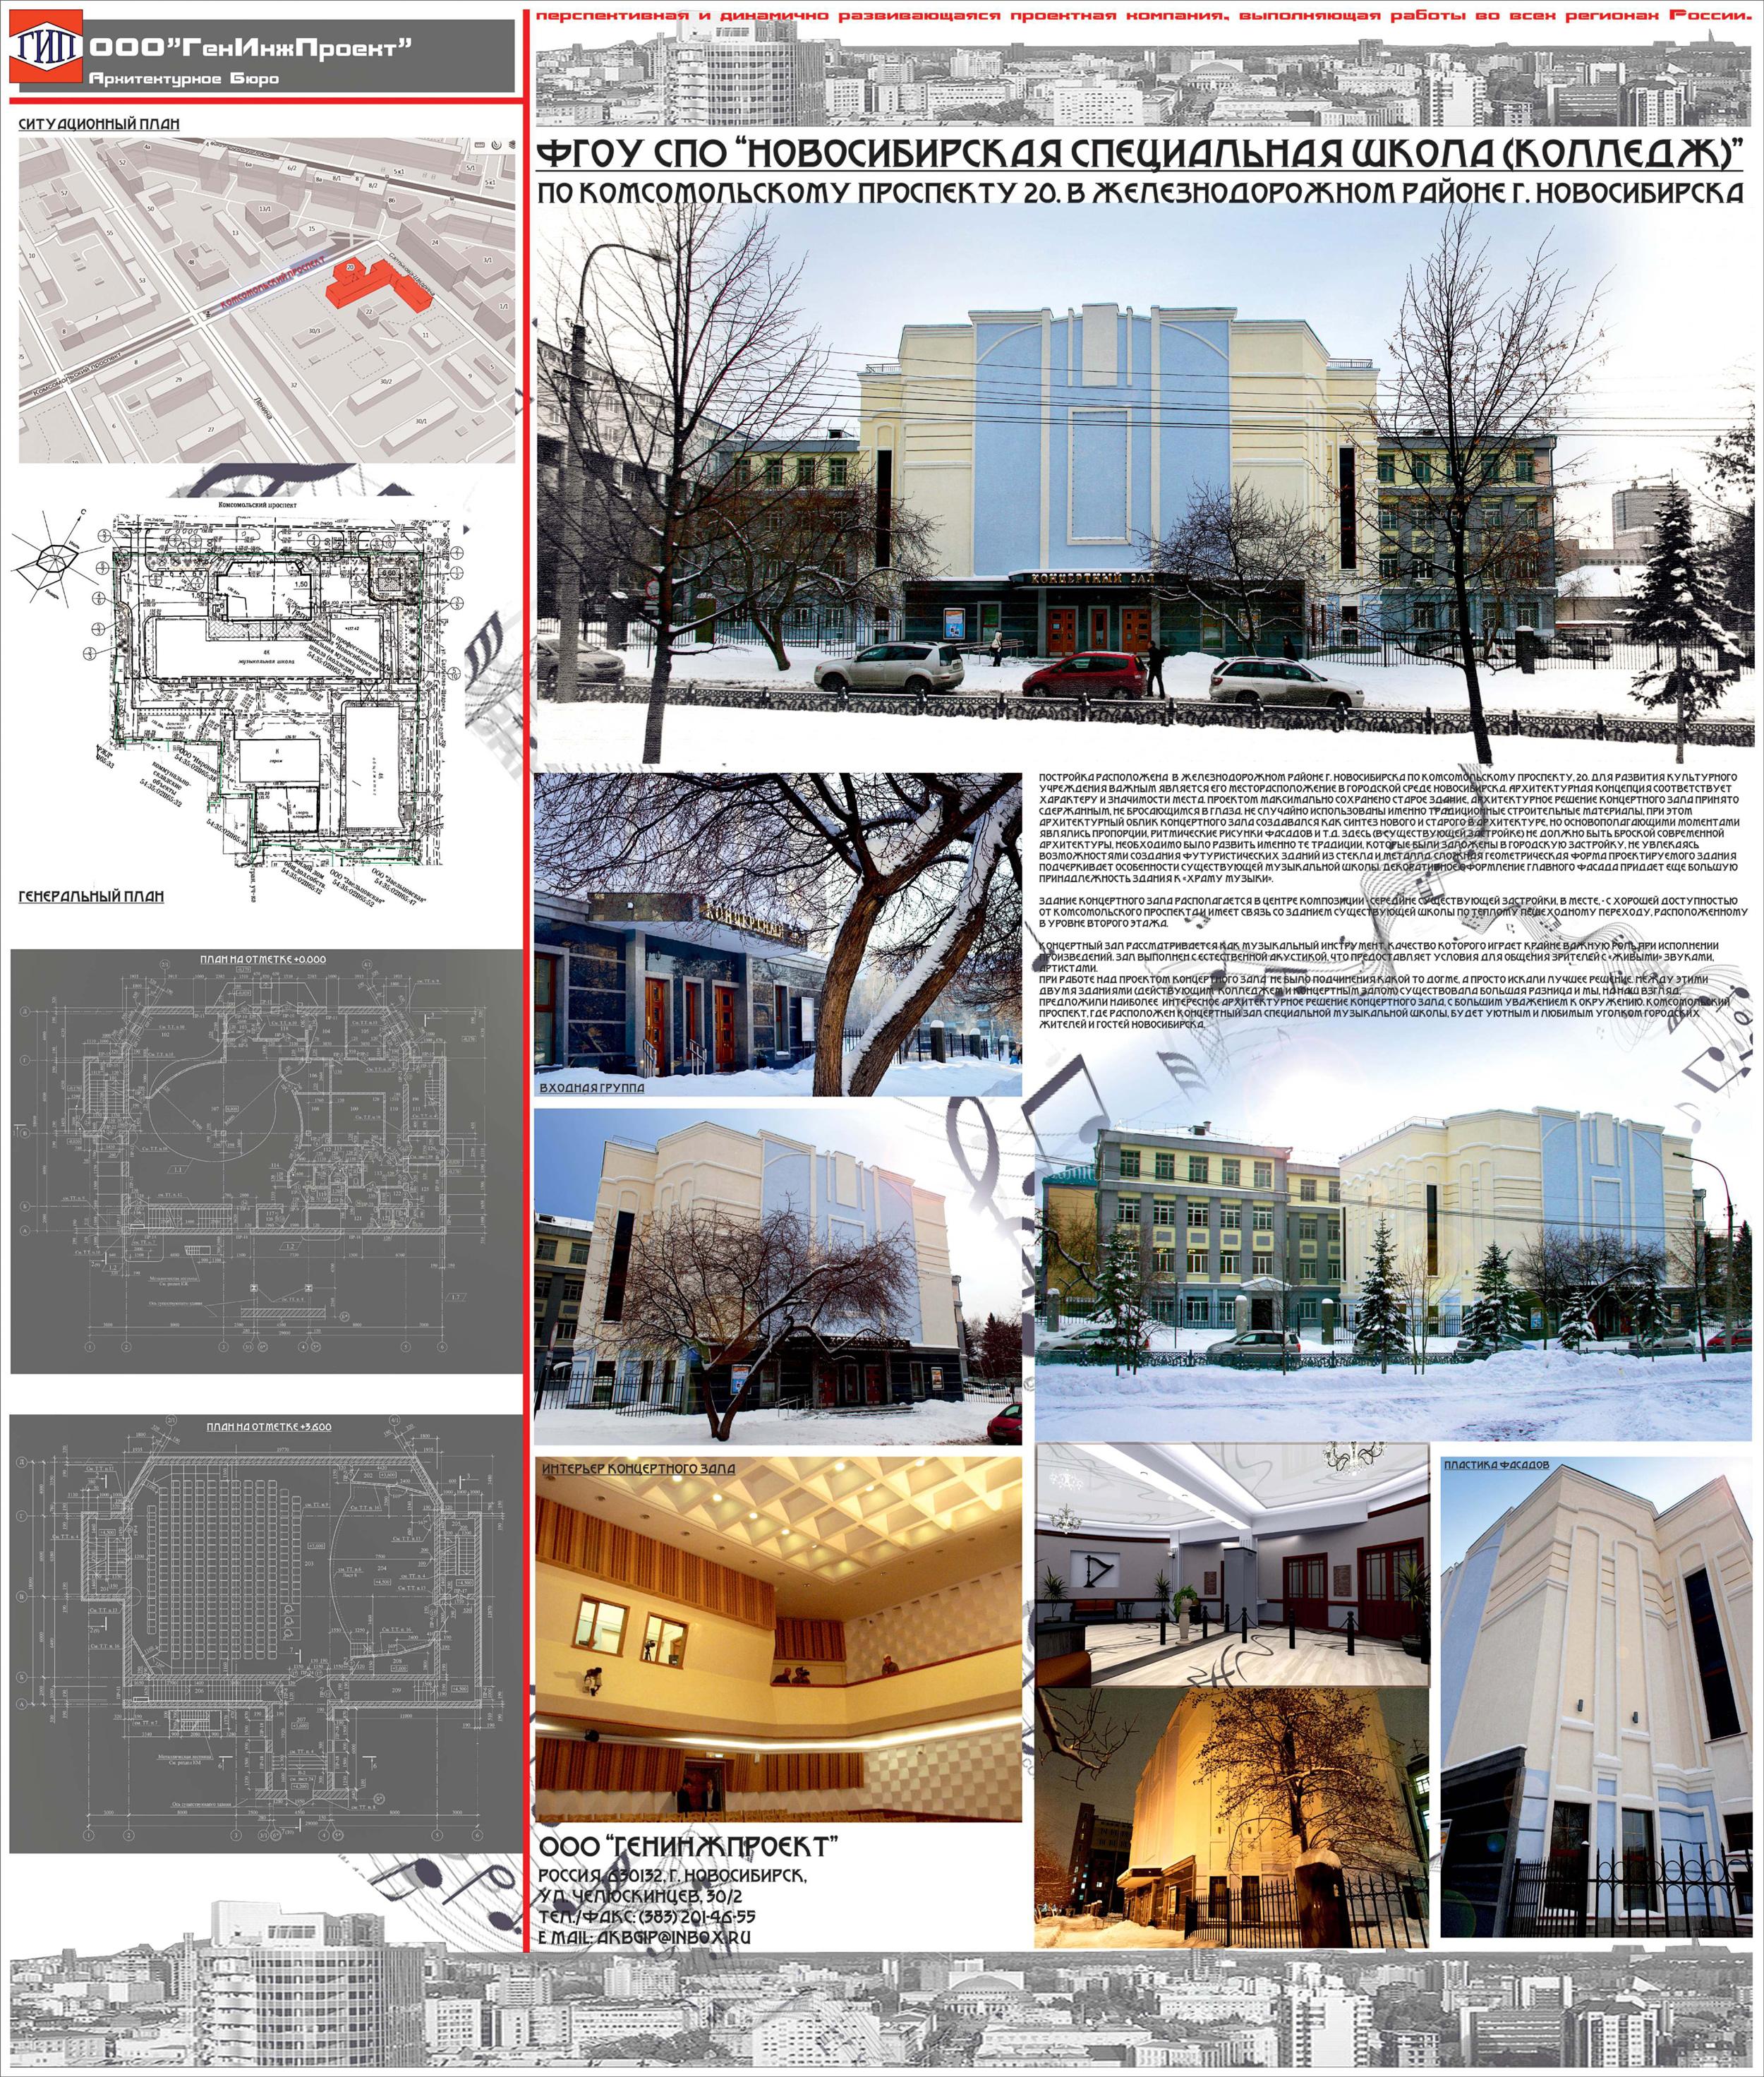 Концертный зал специальной музыкальной школы колледжа Новосибирск  Концертный зал специальной музыкальной школы колледжа Новосибирск Проектная организация ООО ГенИнжПроект Проект